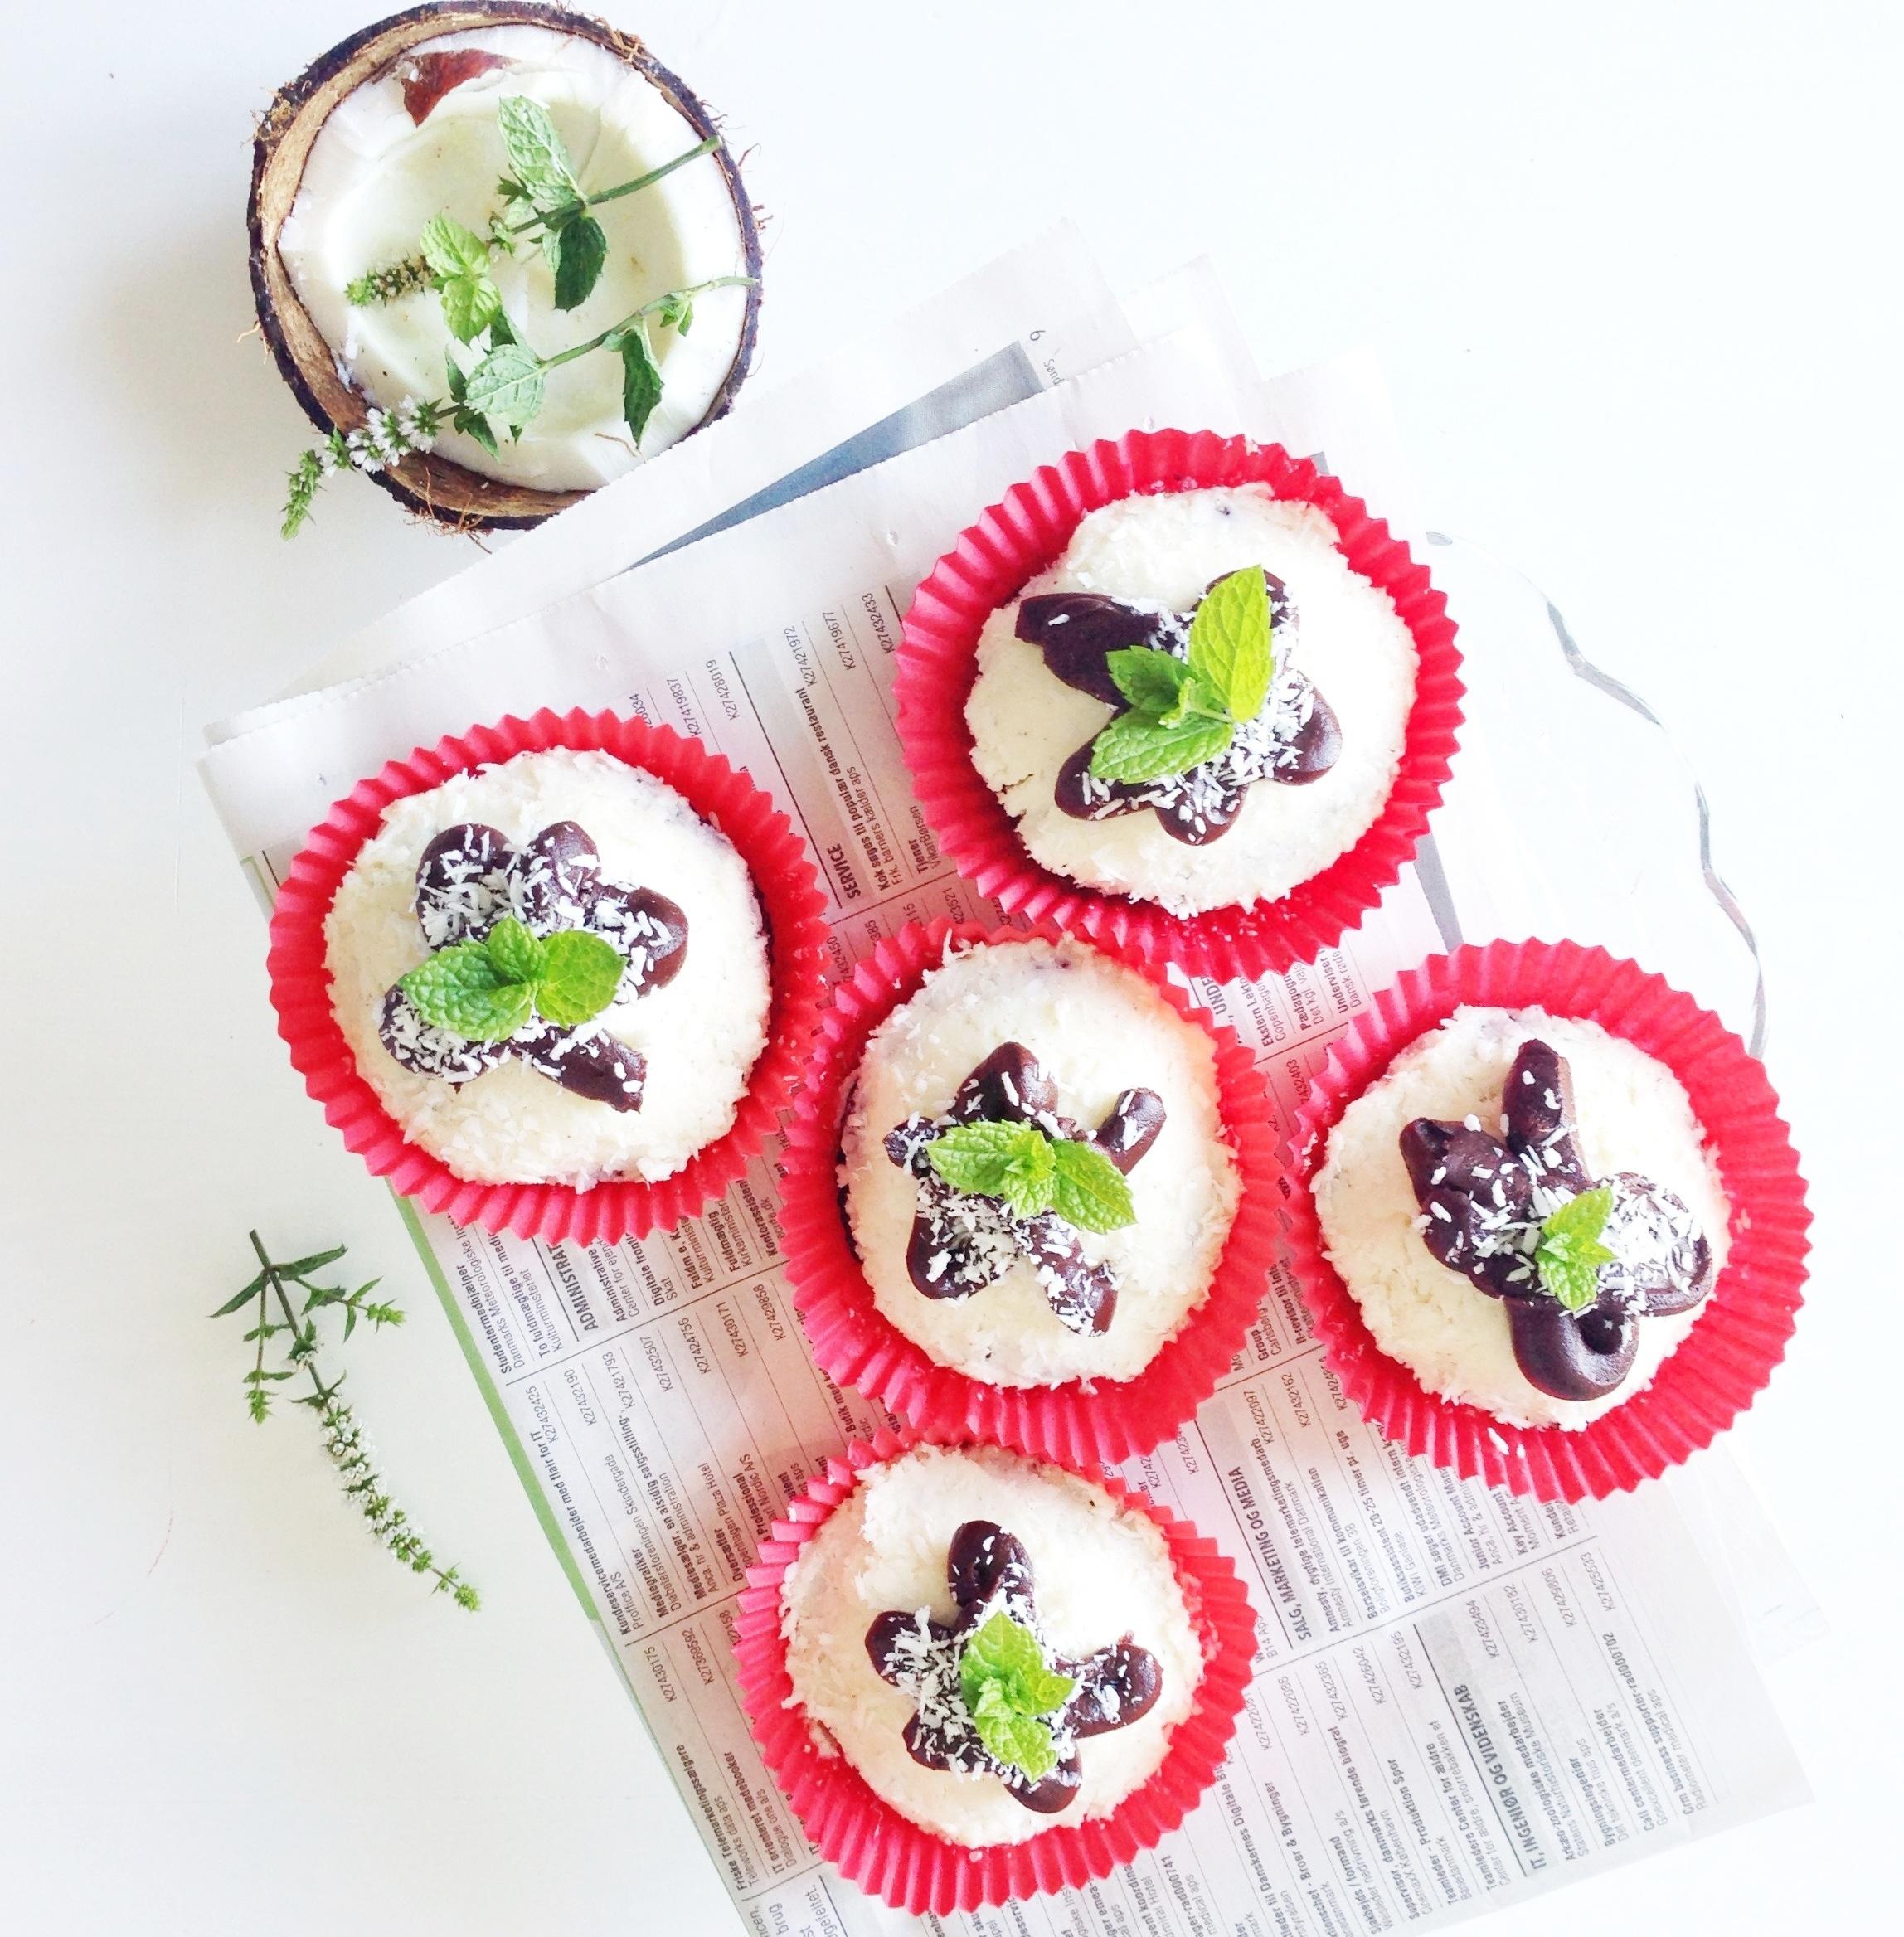 muffins opskrift med chokolade og kokos som en bounty bar